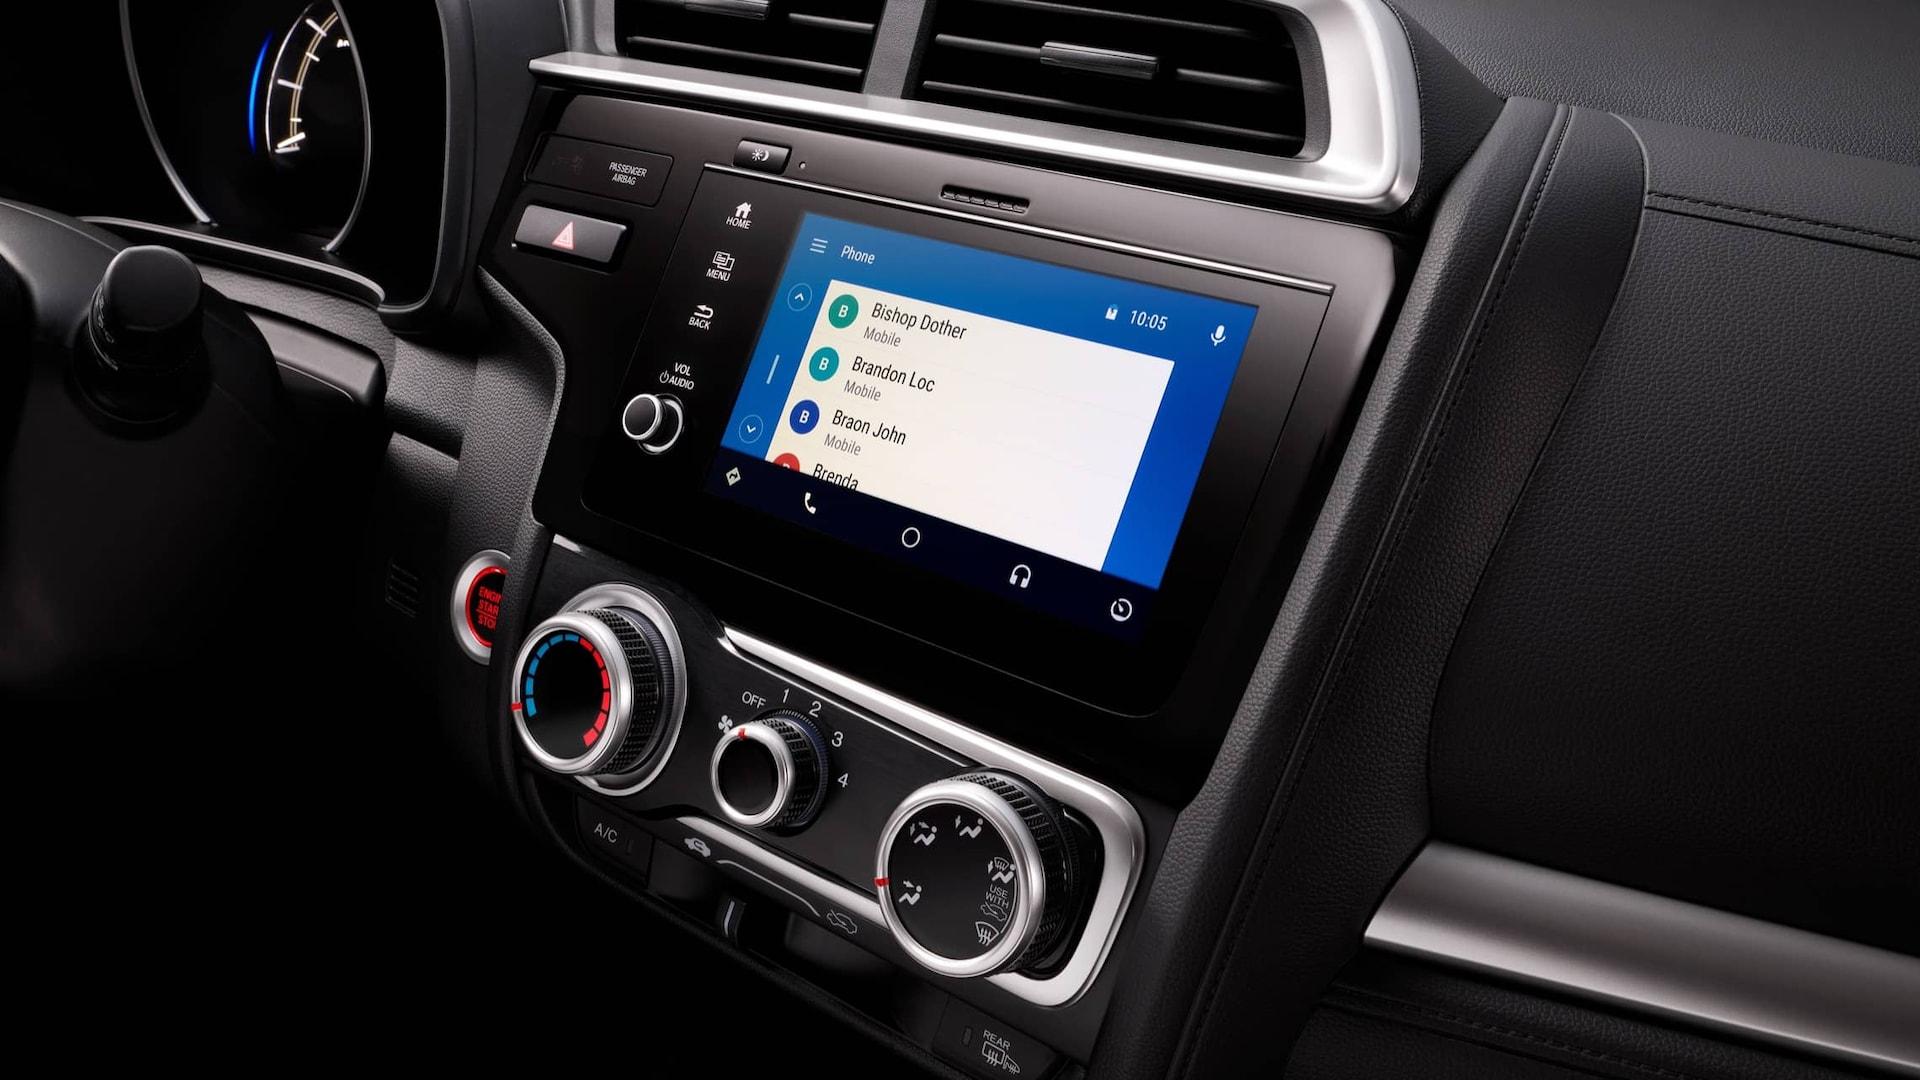 Detalle del sistema de audio en pantalla táctil con Android Auto™ en el Honda Fit2019.